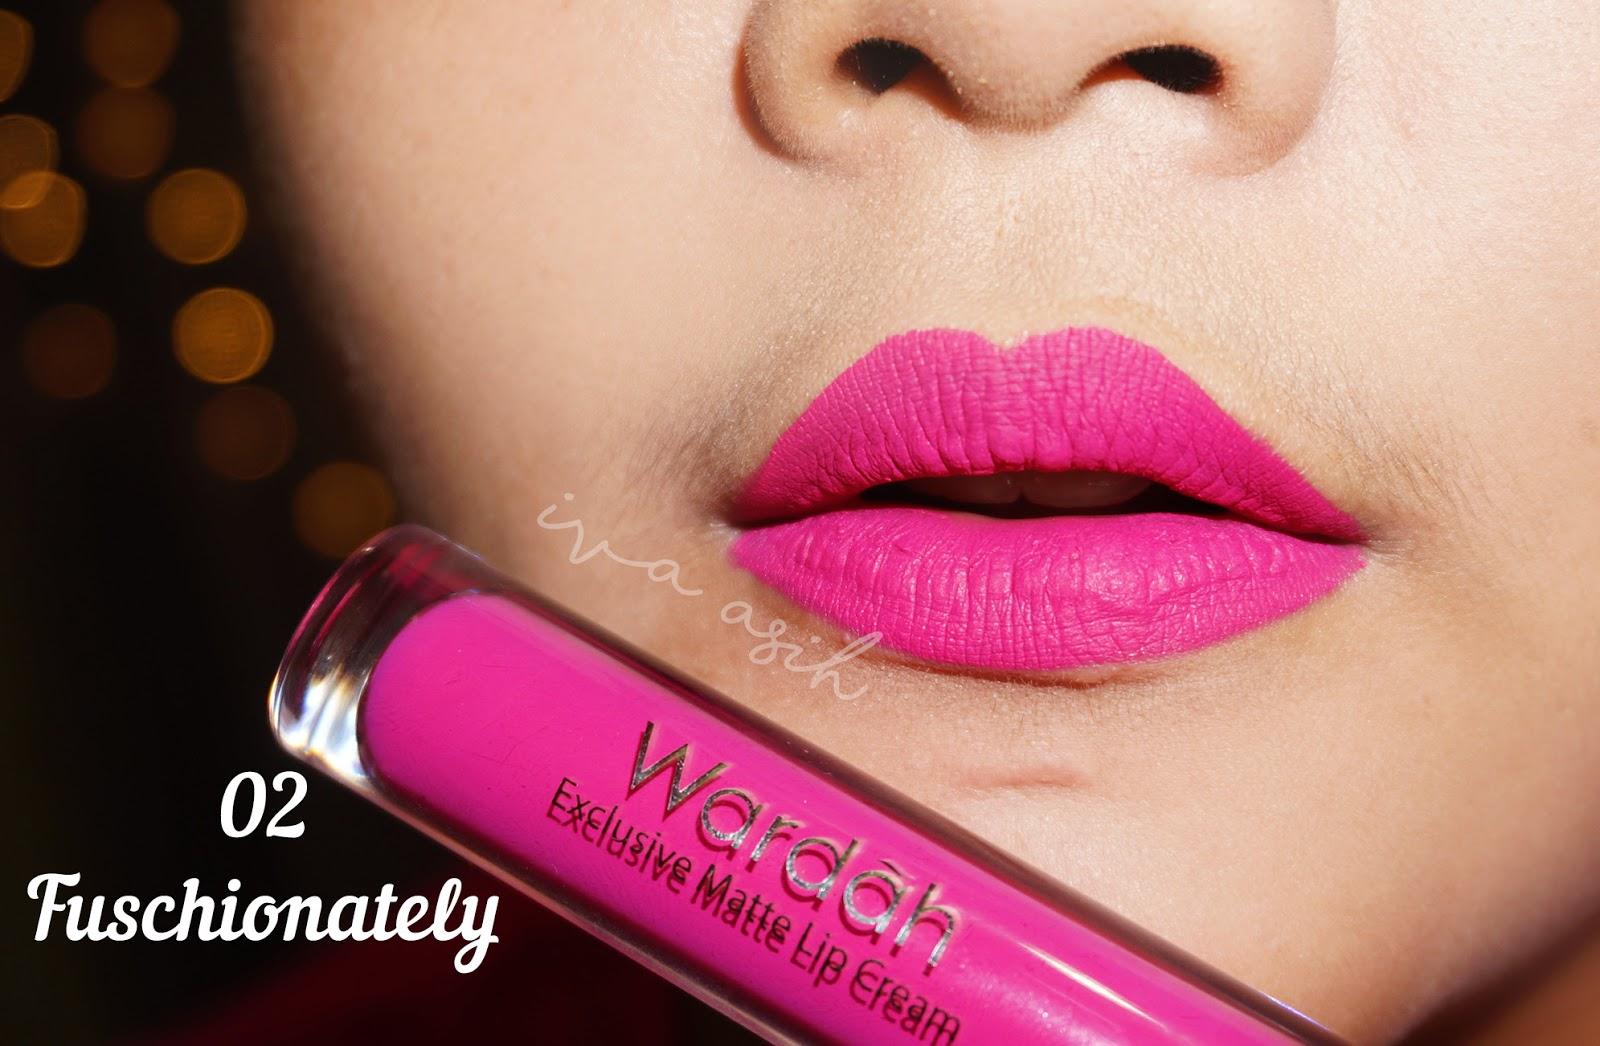 Review Wardah Exclusive Matte Lip Cream 02 03 Ivas Beauty Journey Mate Overall Aku Rekomen Kok Buat Temen Yang Lagi Cari Tapi Budgetnya Terbatas Beli Liquid Lipstick